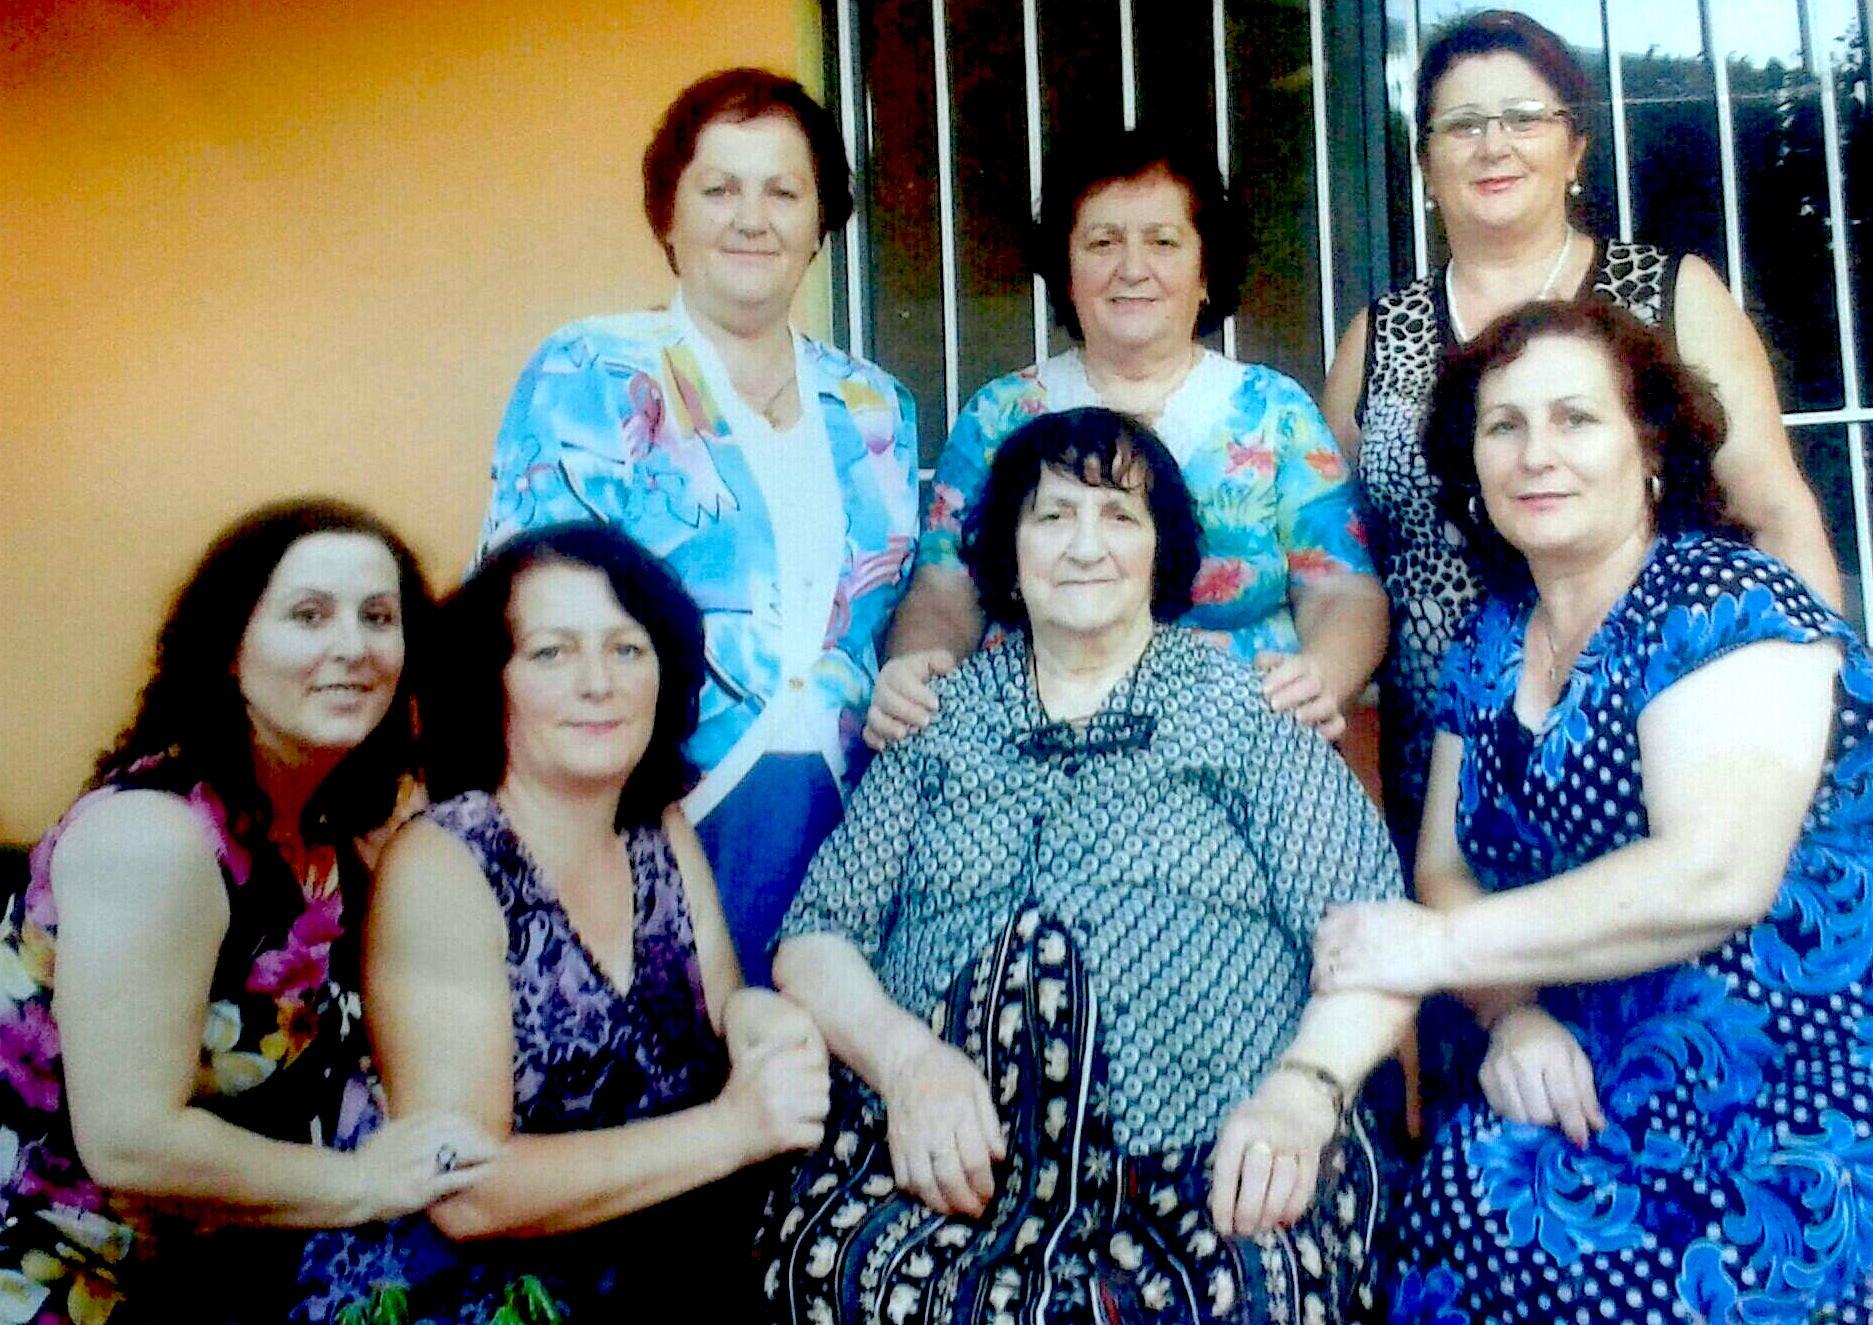 Kada dhe 6 vajzat e saj: nga e majta Roza, Luçia, Vera, Celestina, Donika, Magdalena